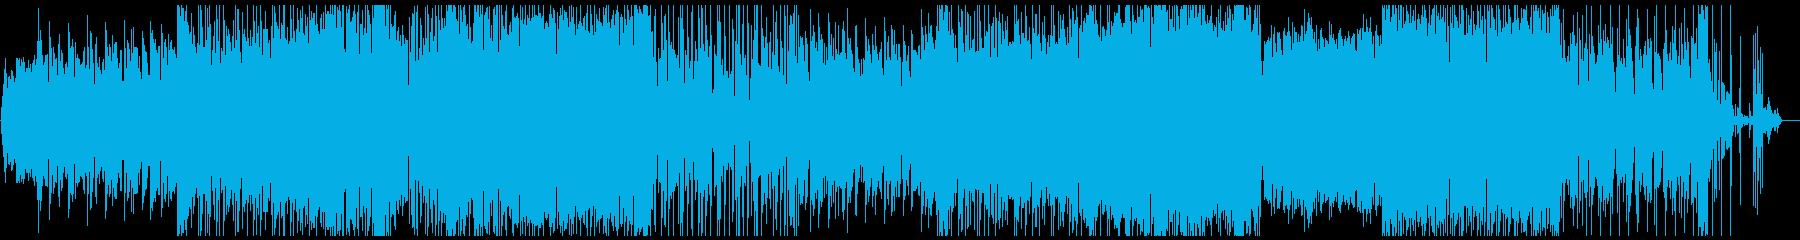 切なく悲しい雰囲気のあるBGMの再生済みの波形